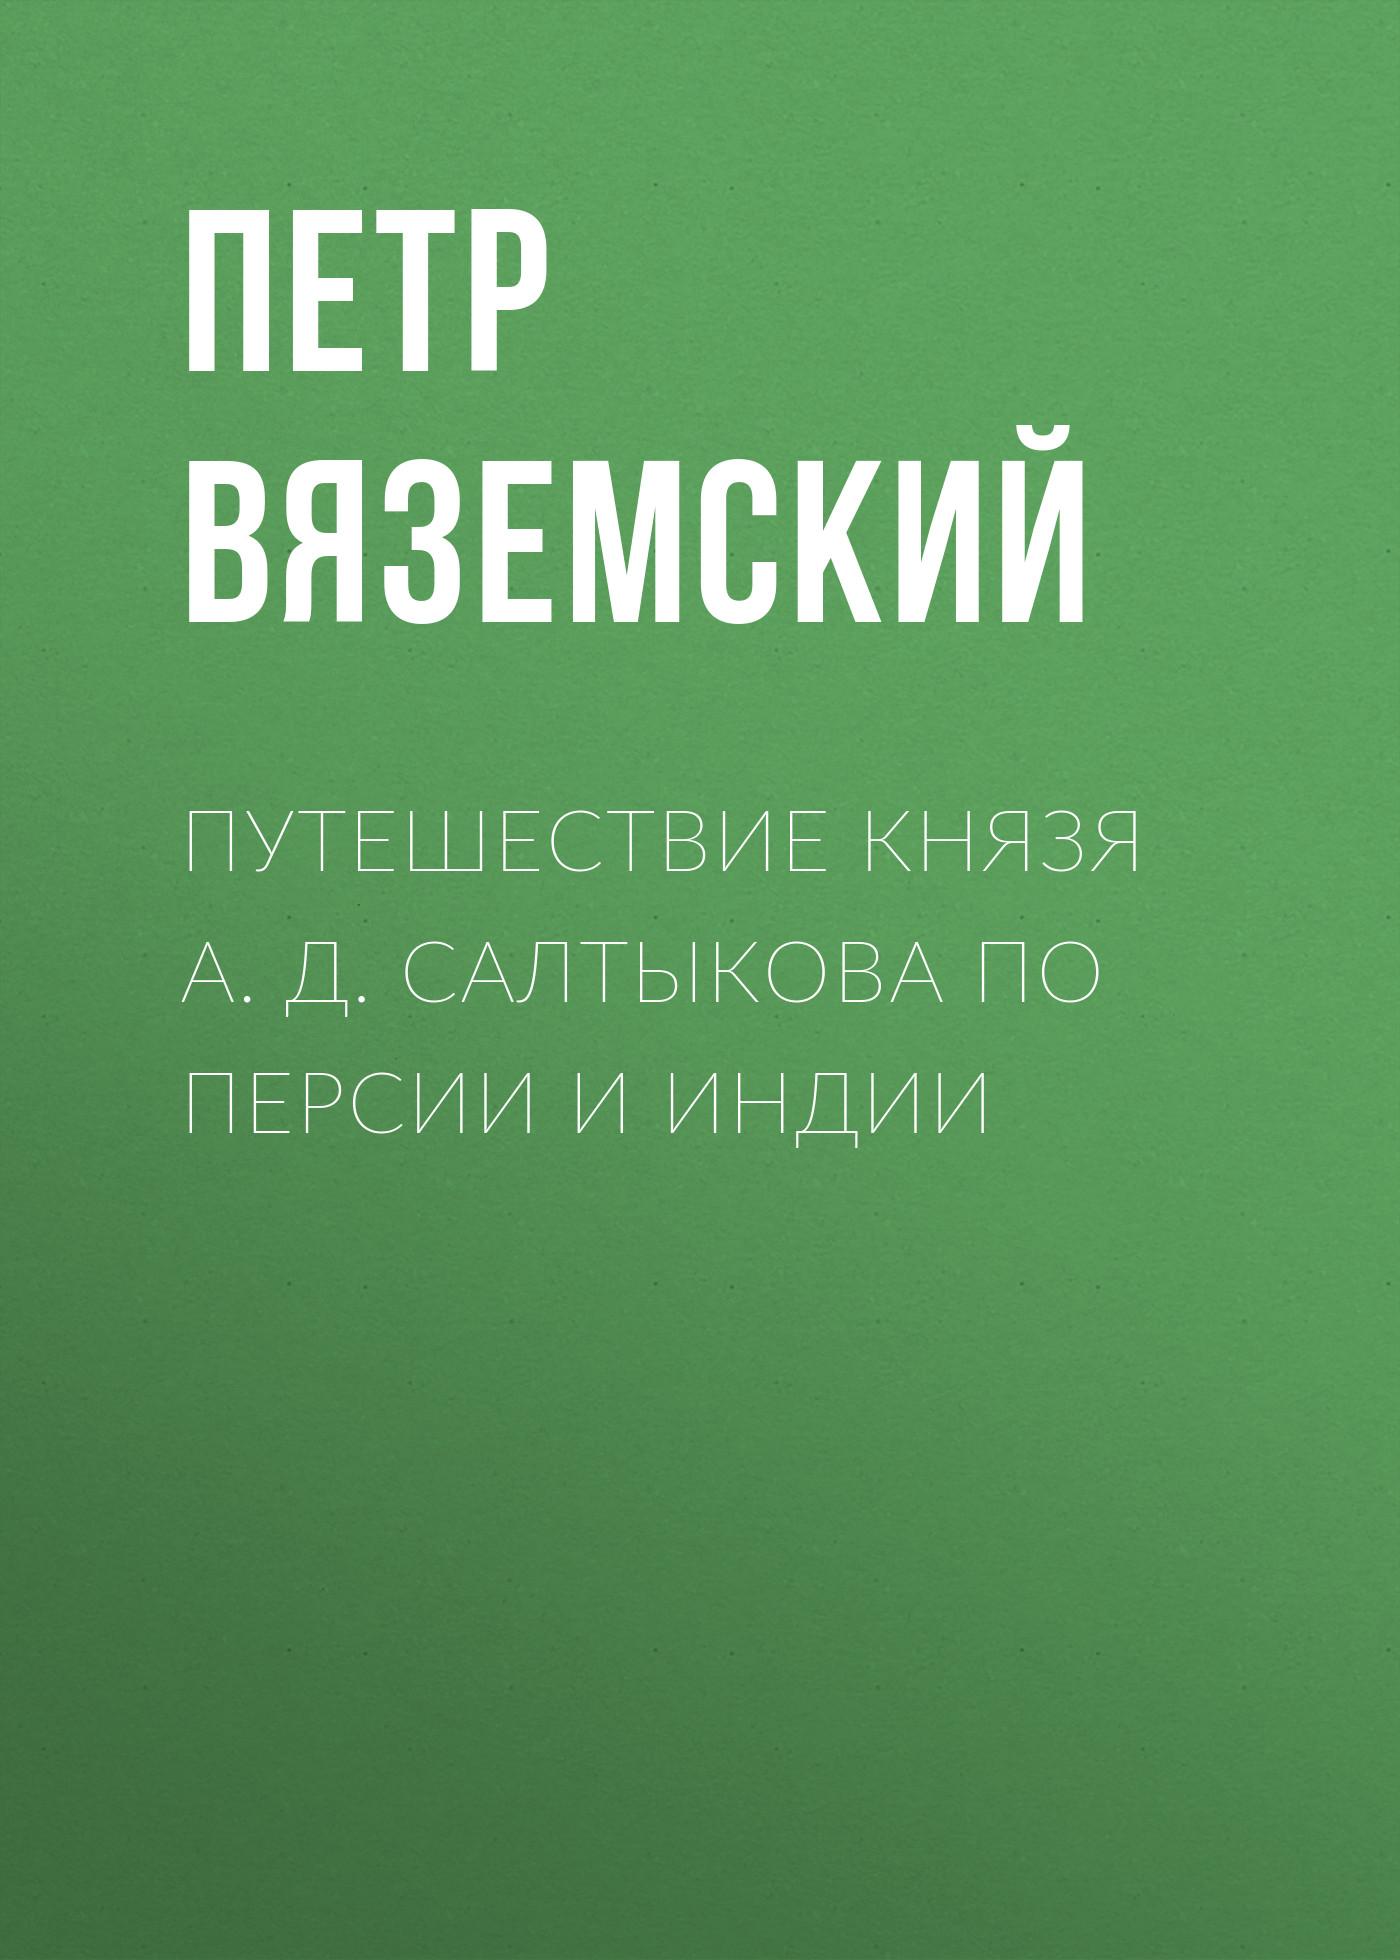 цена на Петр Вяземский Путешествие князя А. Д. Салтыкова по Персии и Индии